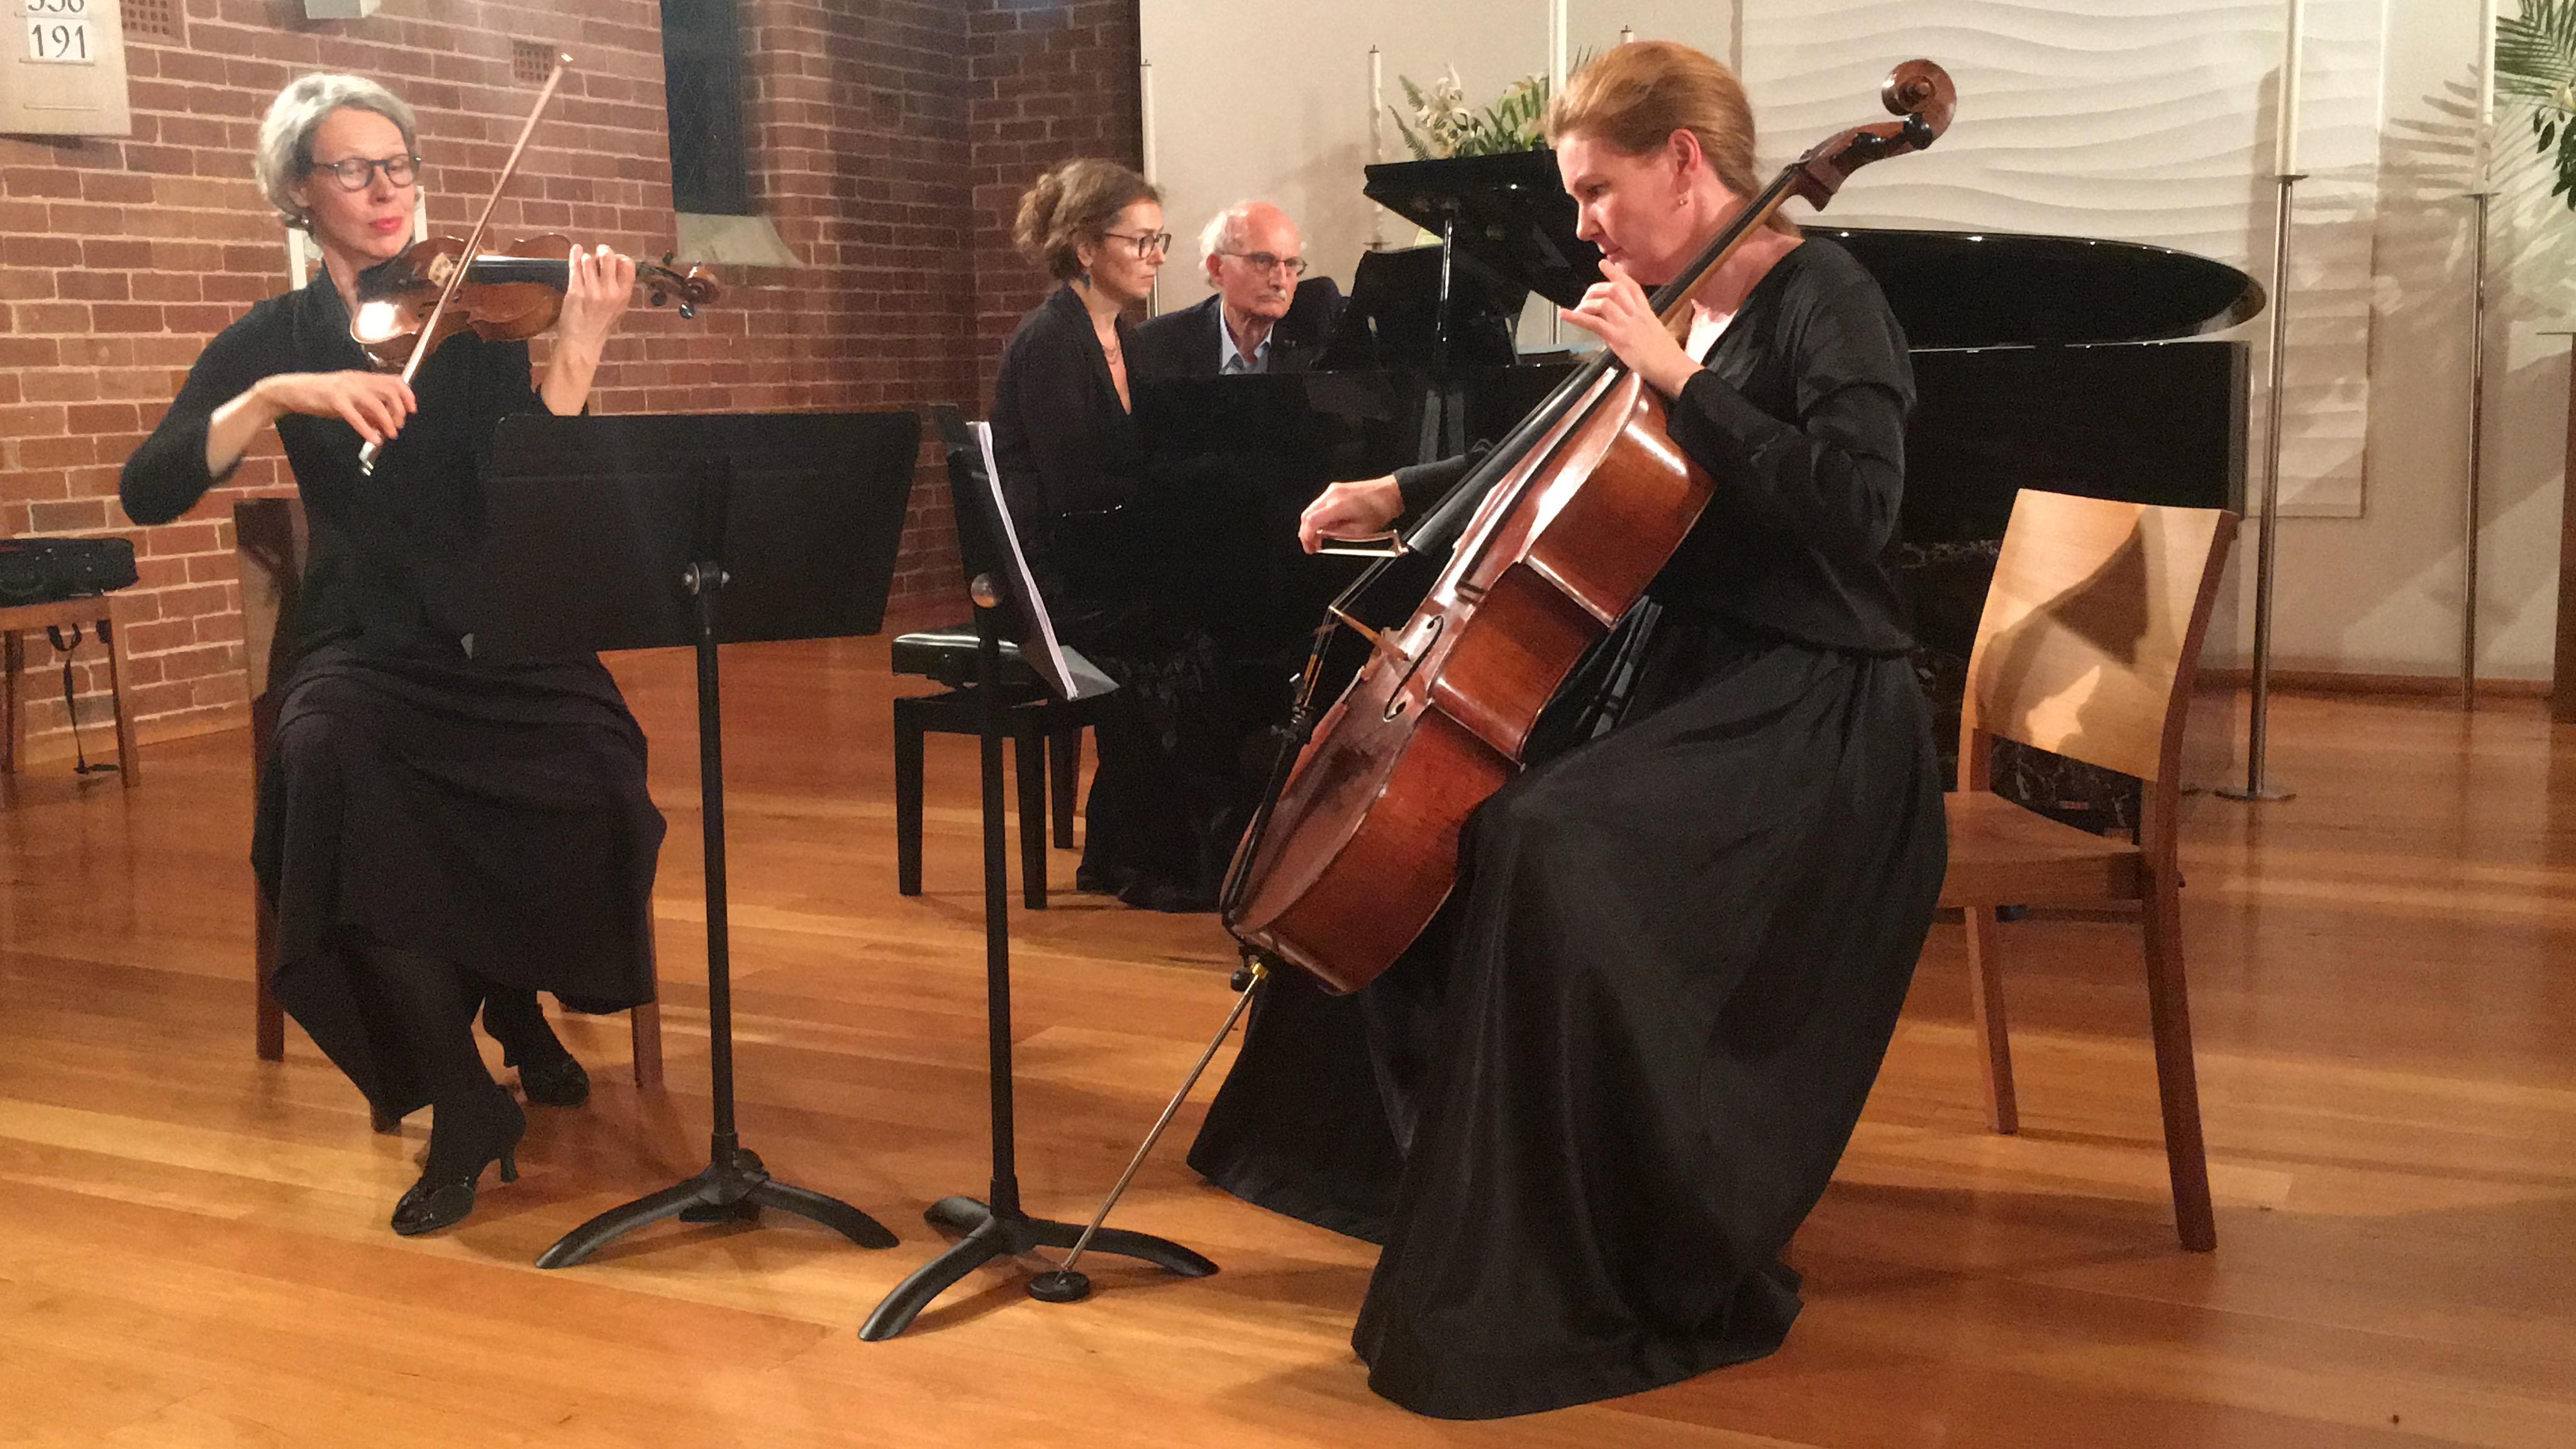 Heiemarie Wiesner Fremantle Chamber Orchestra, Australien